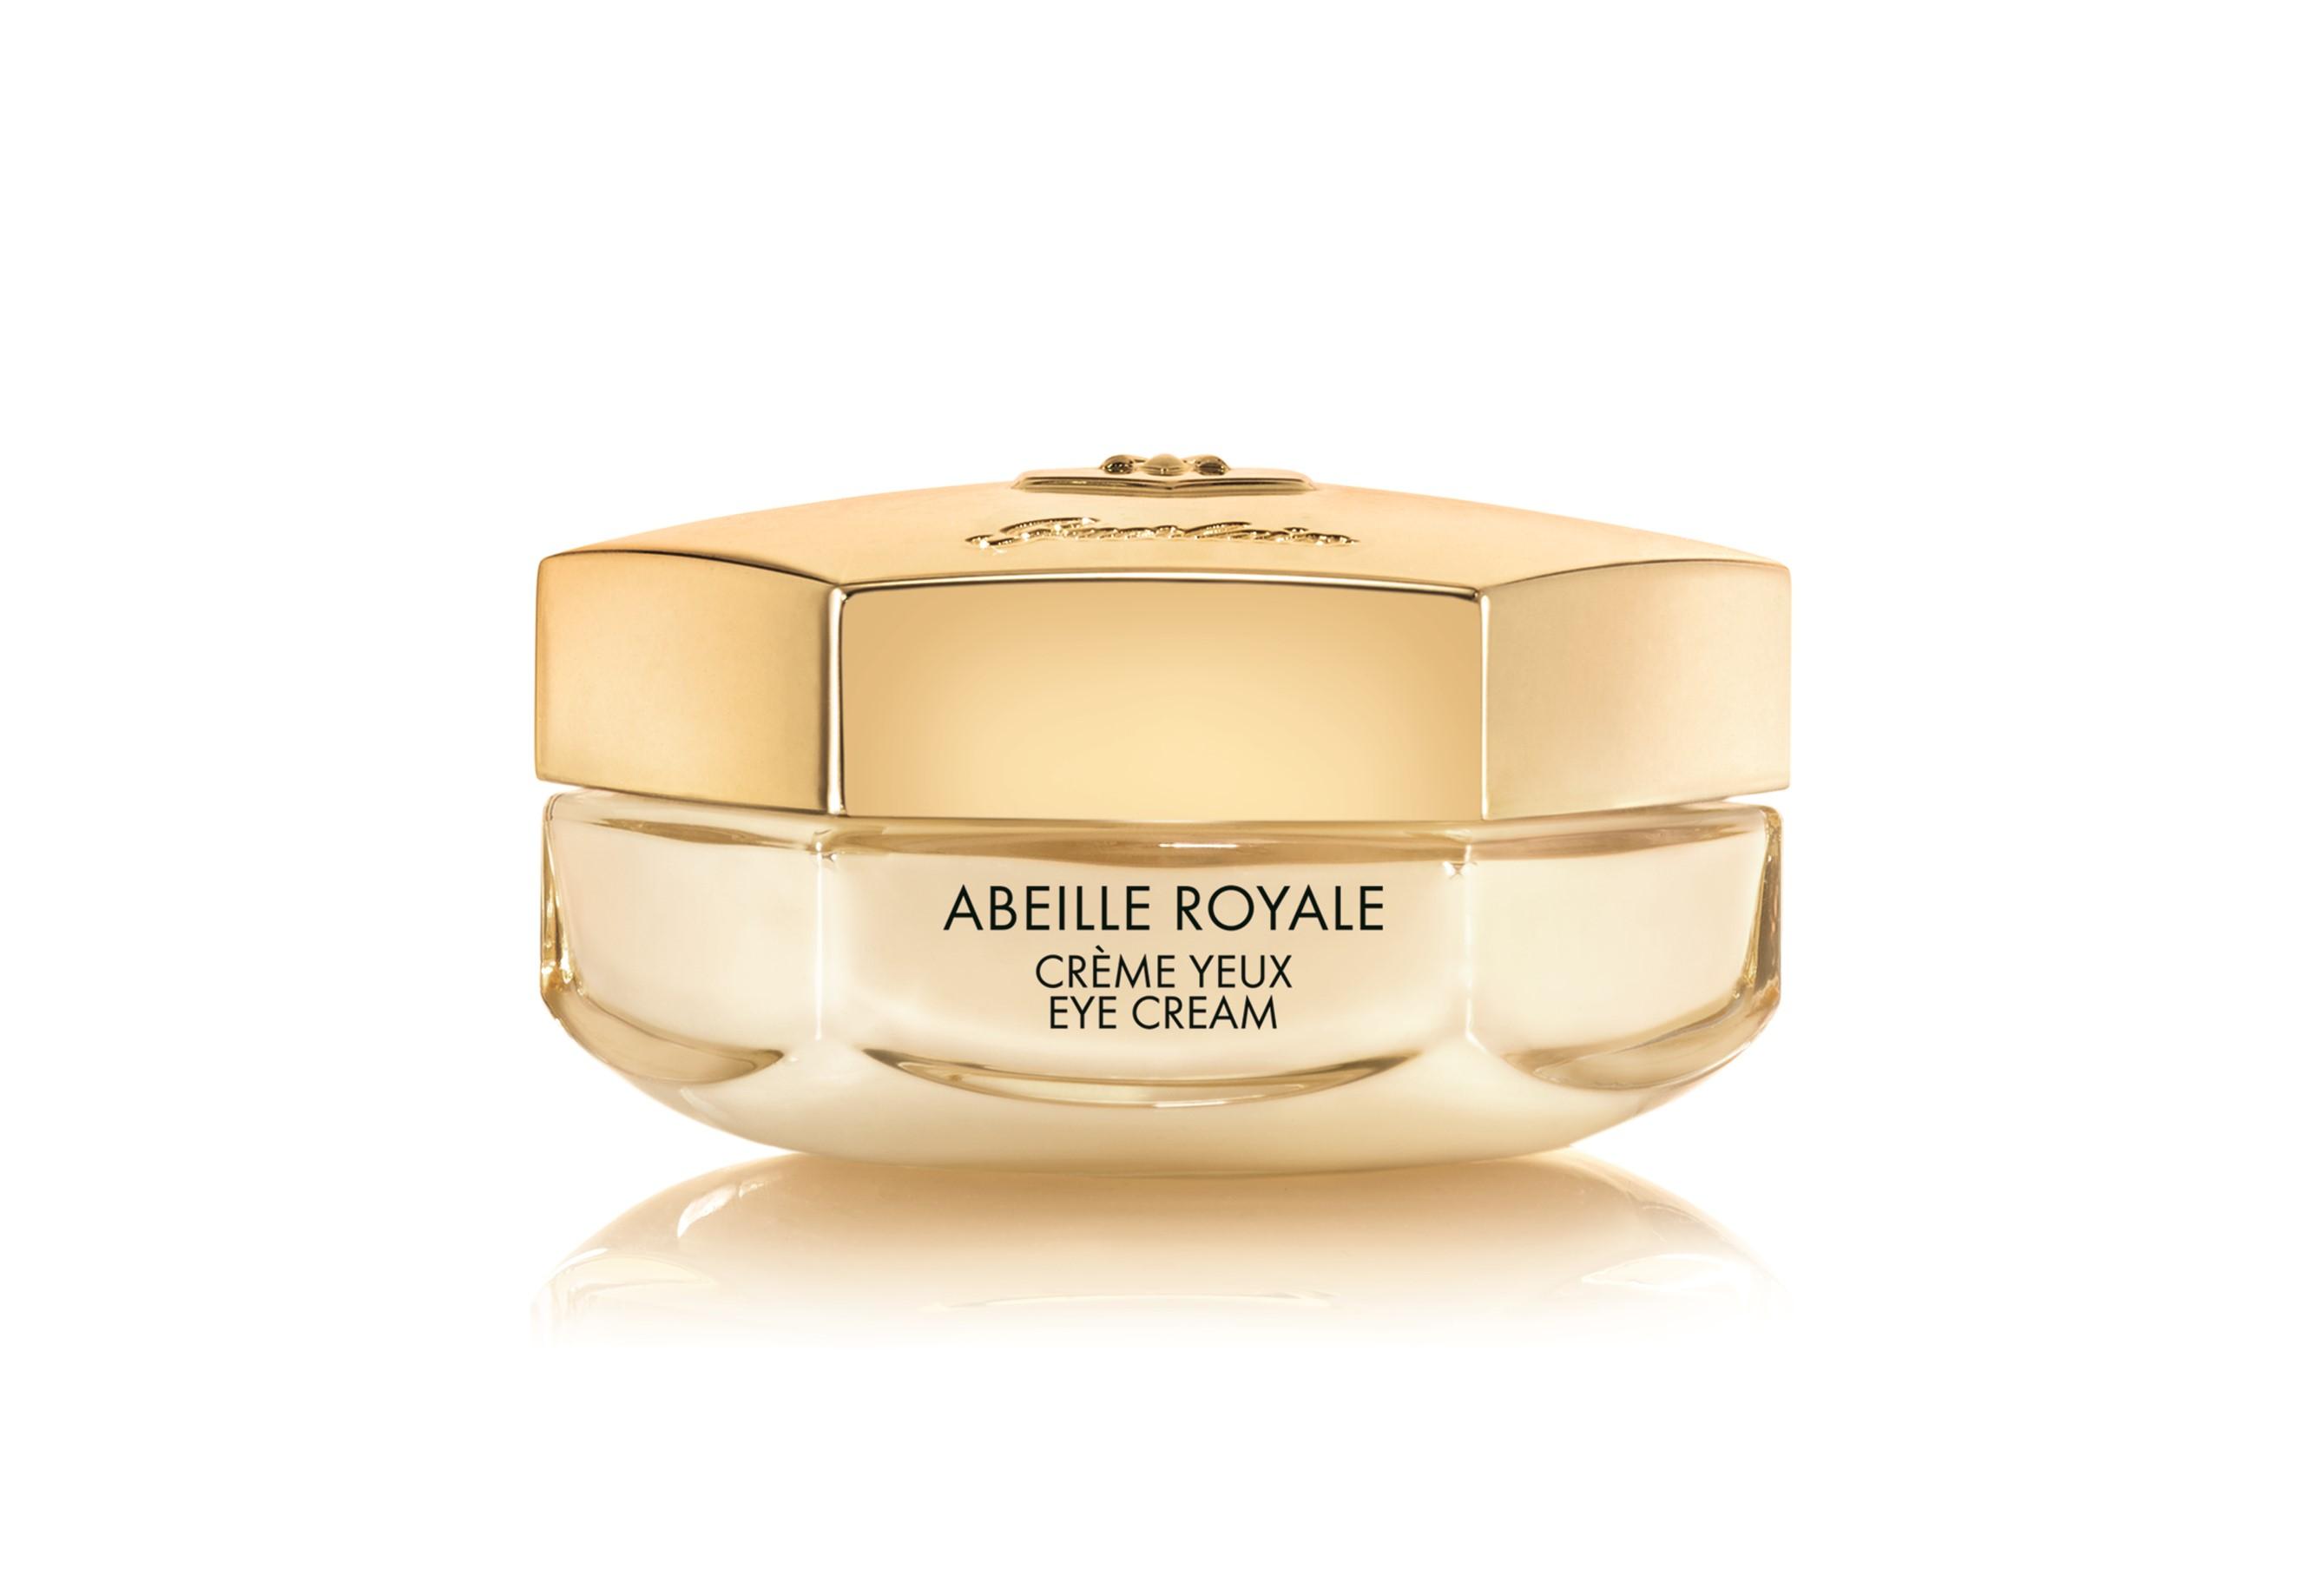 Crema de ojos Abeille Royale 15 ml Guerlain